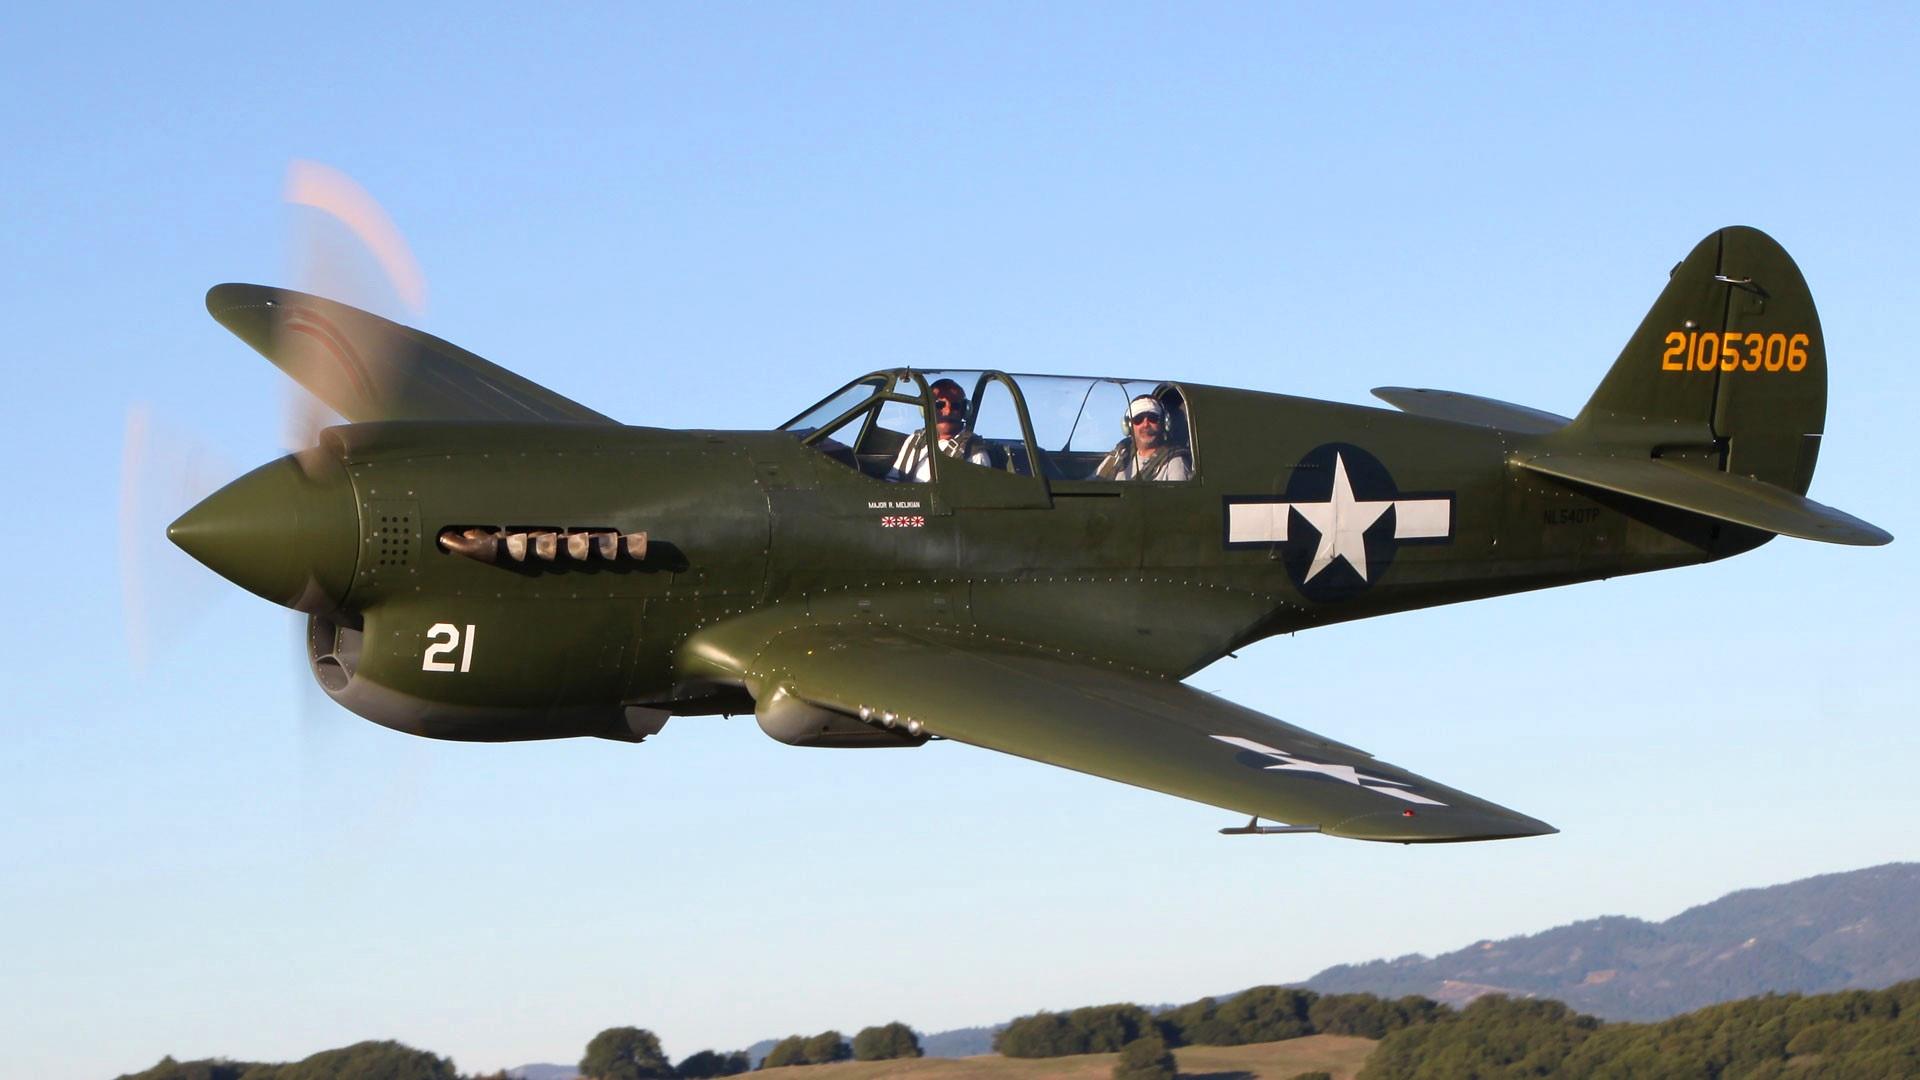 Истребитель Curtiss P-40 в небе, обои на рабочий стол малая авиация, самолеты, 1920 на 1080 пикселей